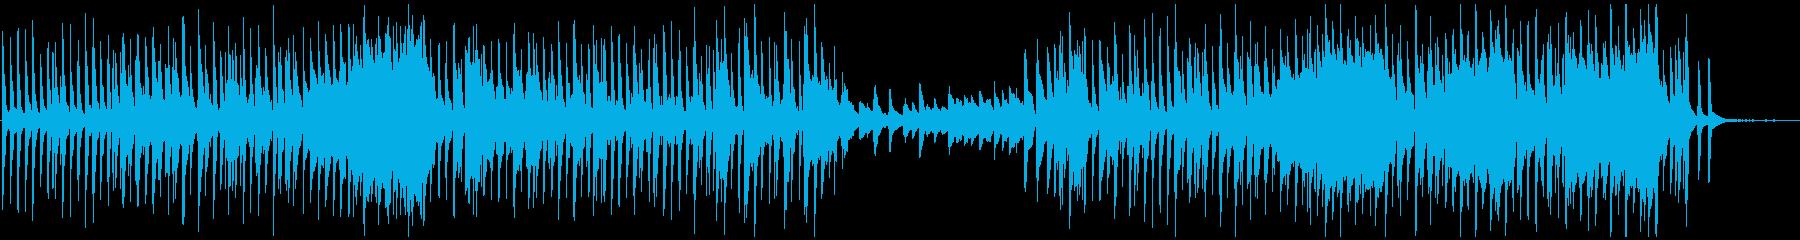 日常的なポップスの再生済みの波形